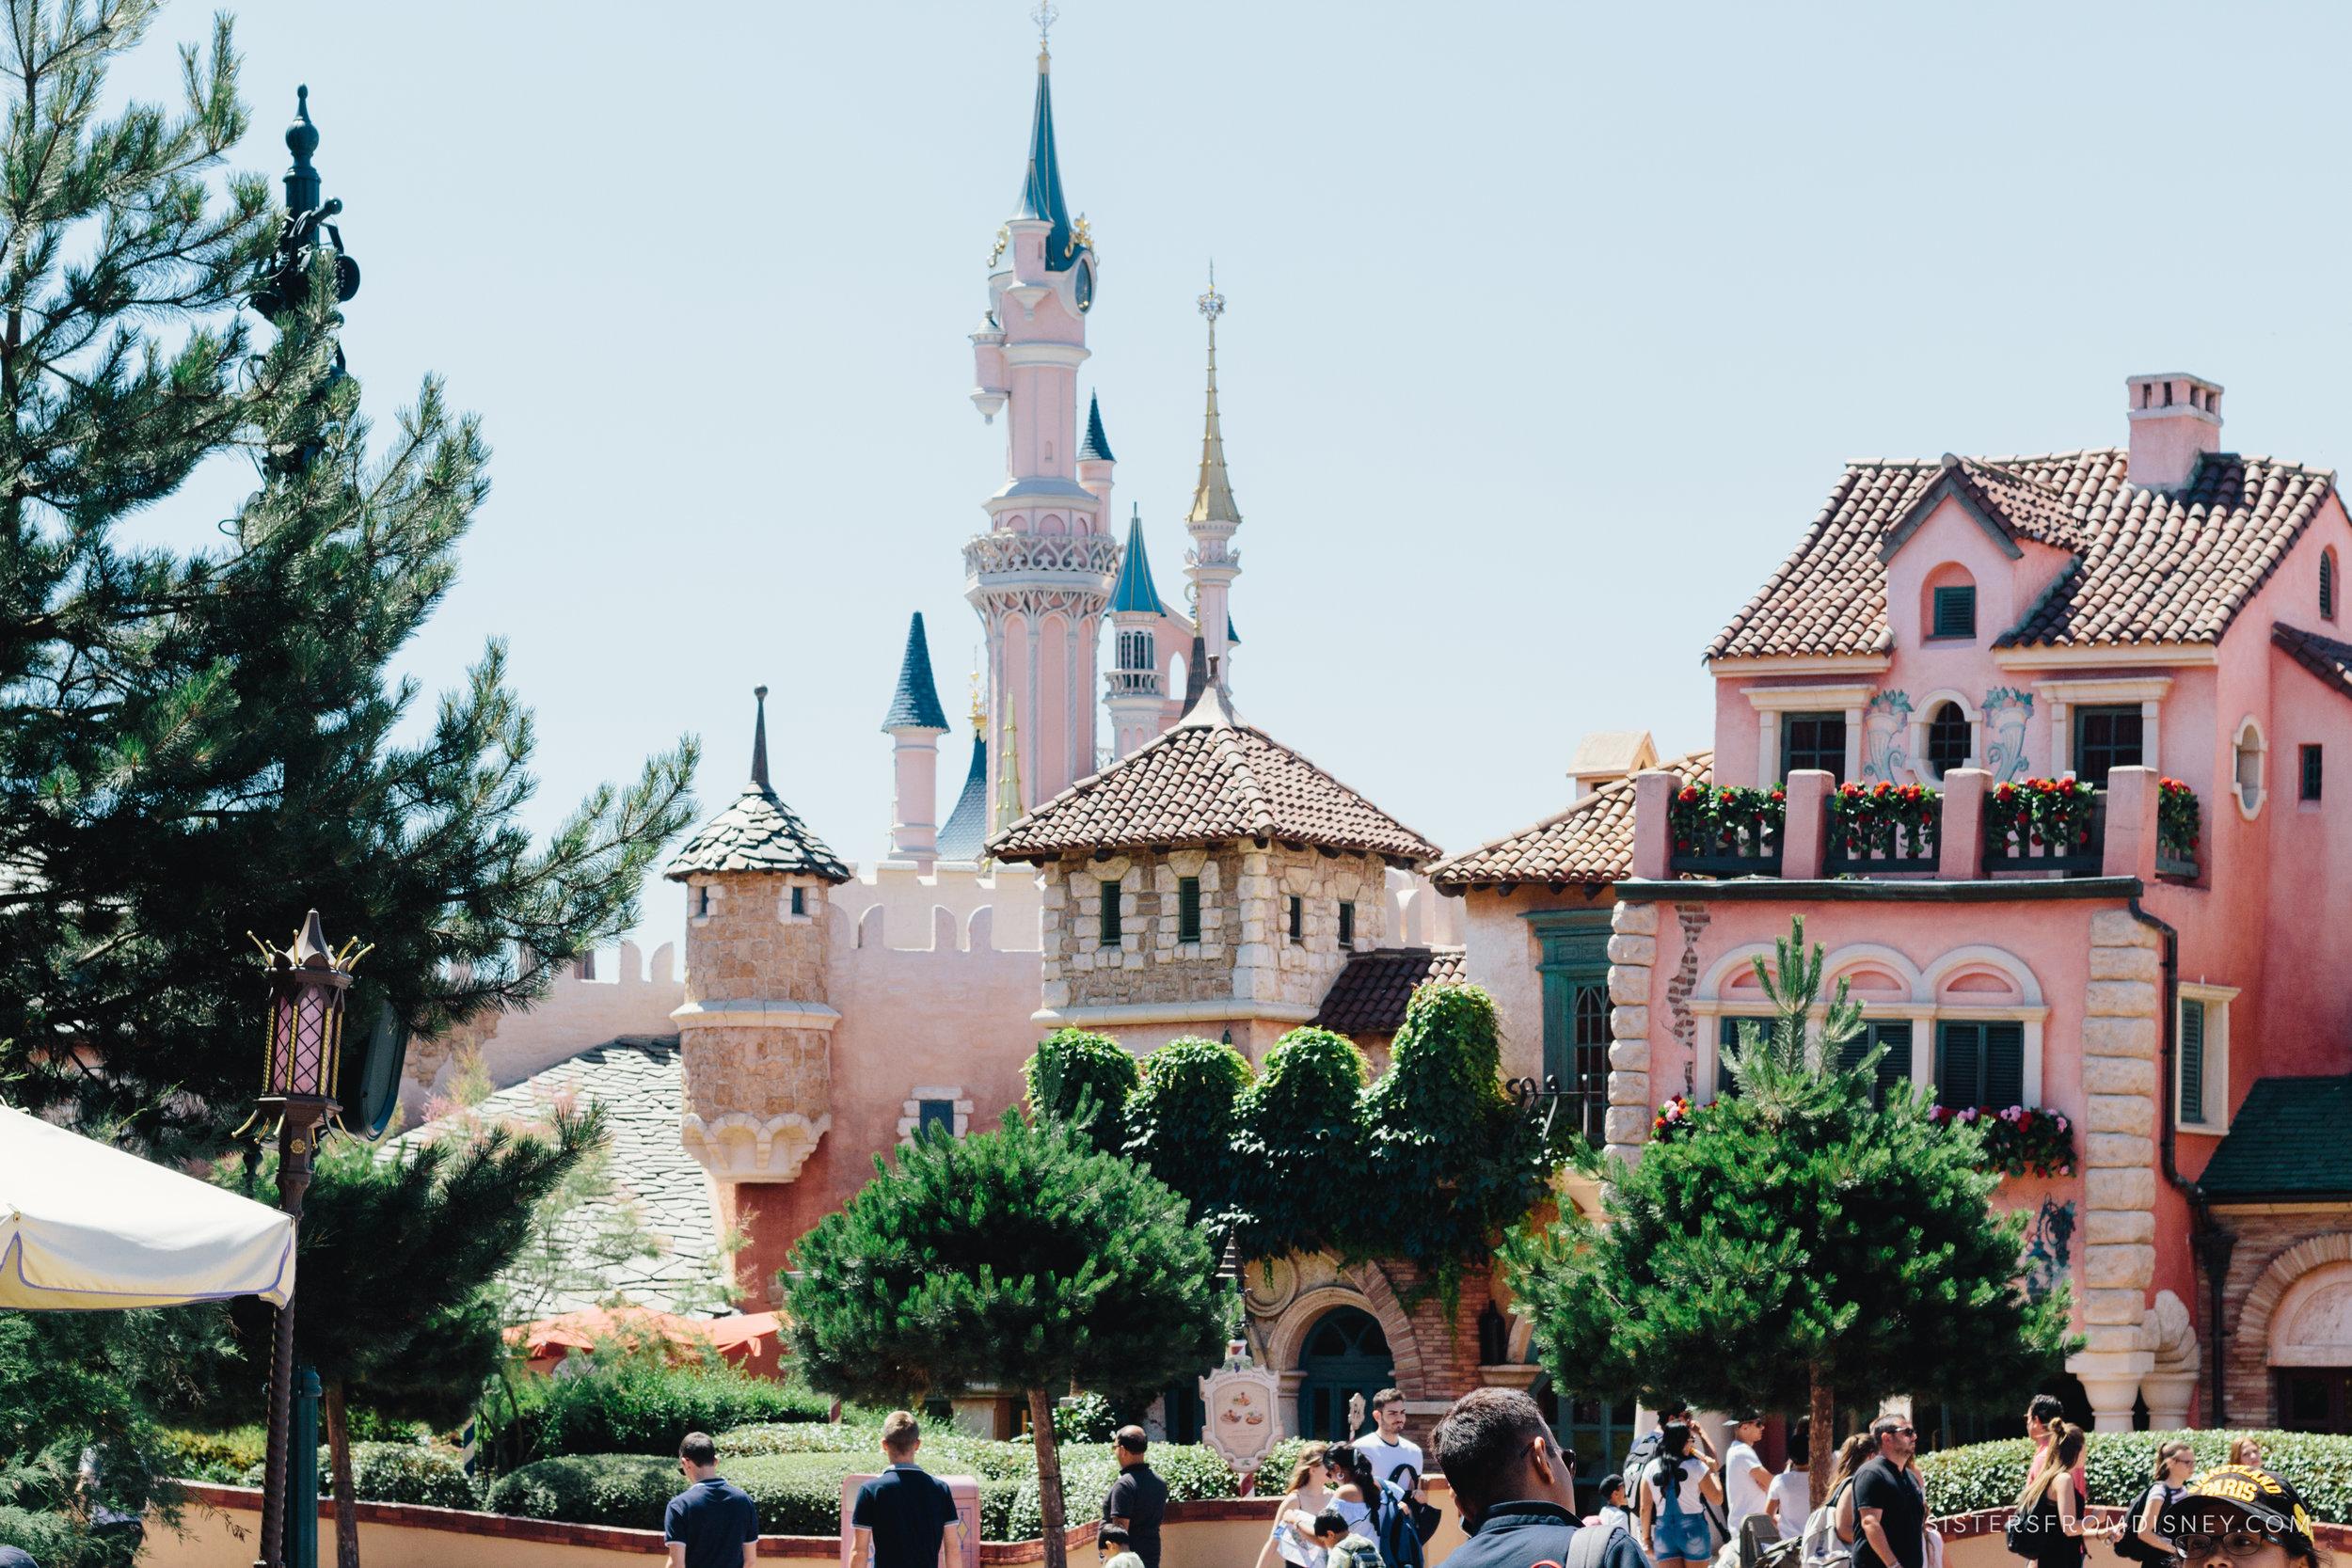 2018June_SFDblog_DisneylandParis_Watermark-3267.jpg